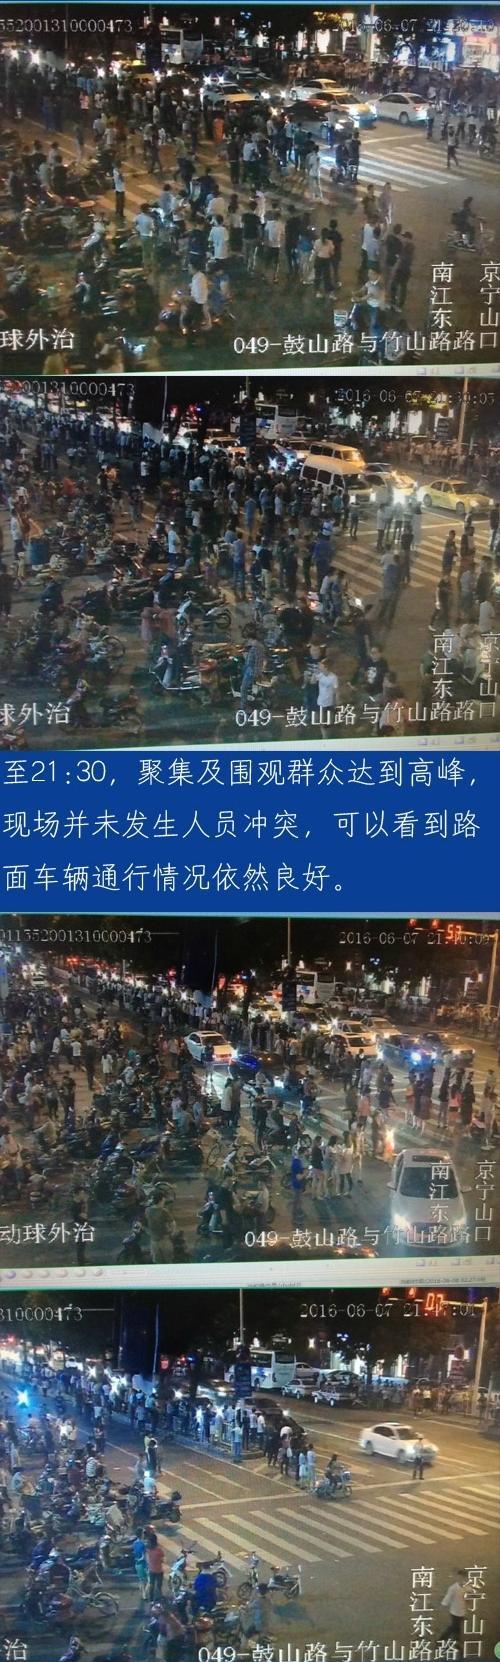 南京警方通报万达聚集事件